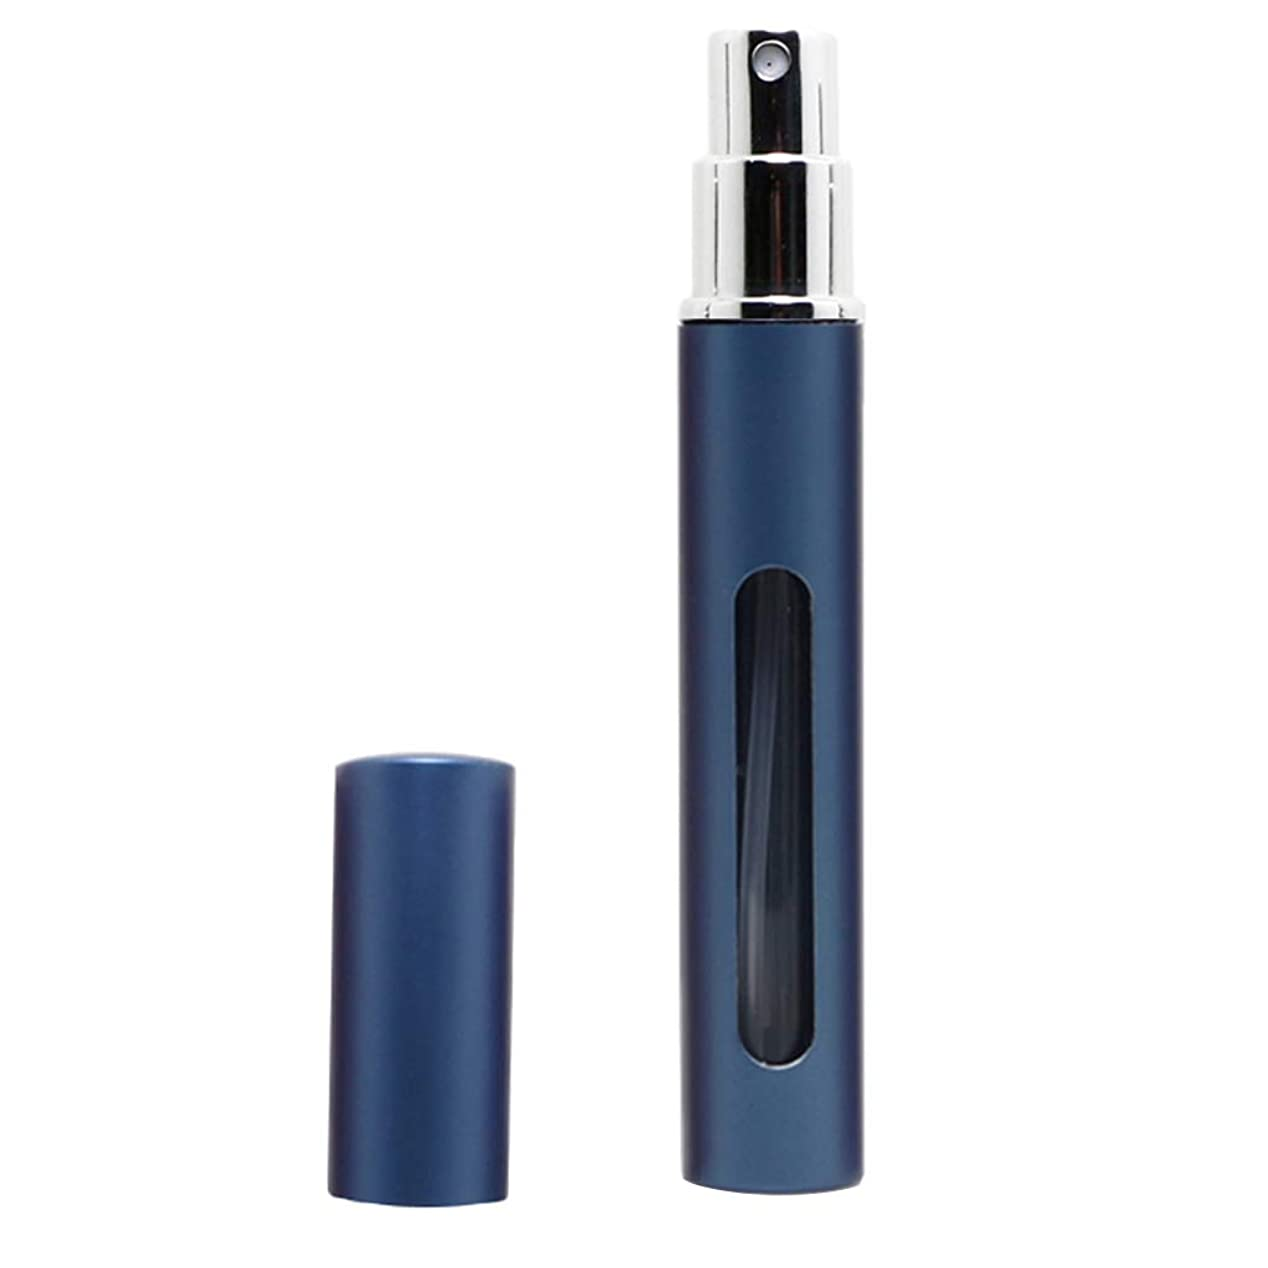 まばたきリスキーな怒るDYNWAVE 香水アトマイザー スプレーボトル ポンプボトル 詰め替え容器 小分け用 5ML ウィンドウ付き